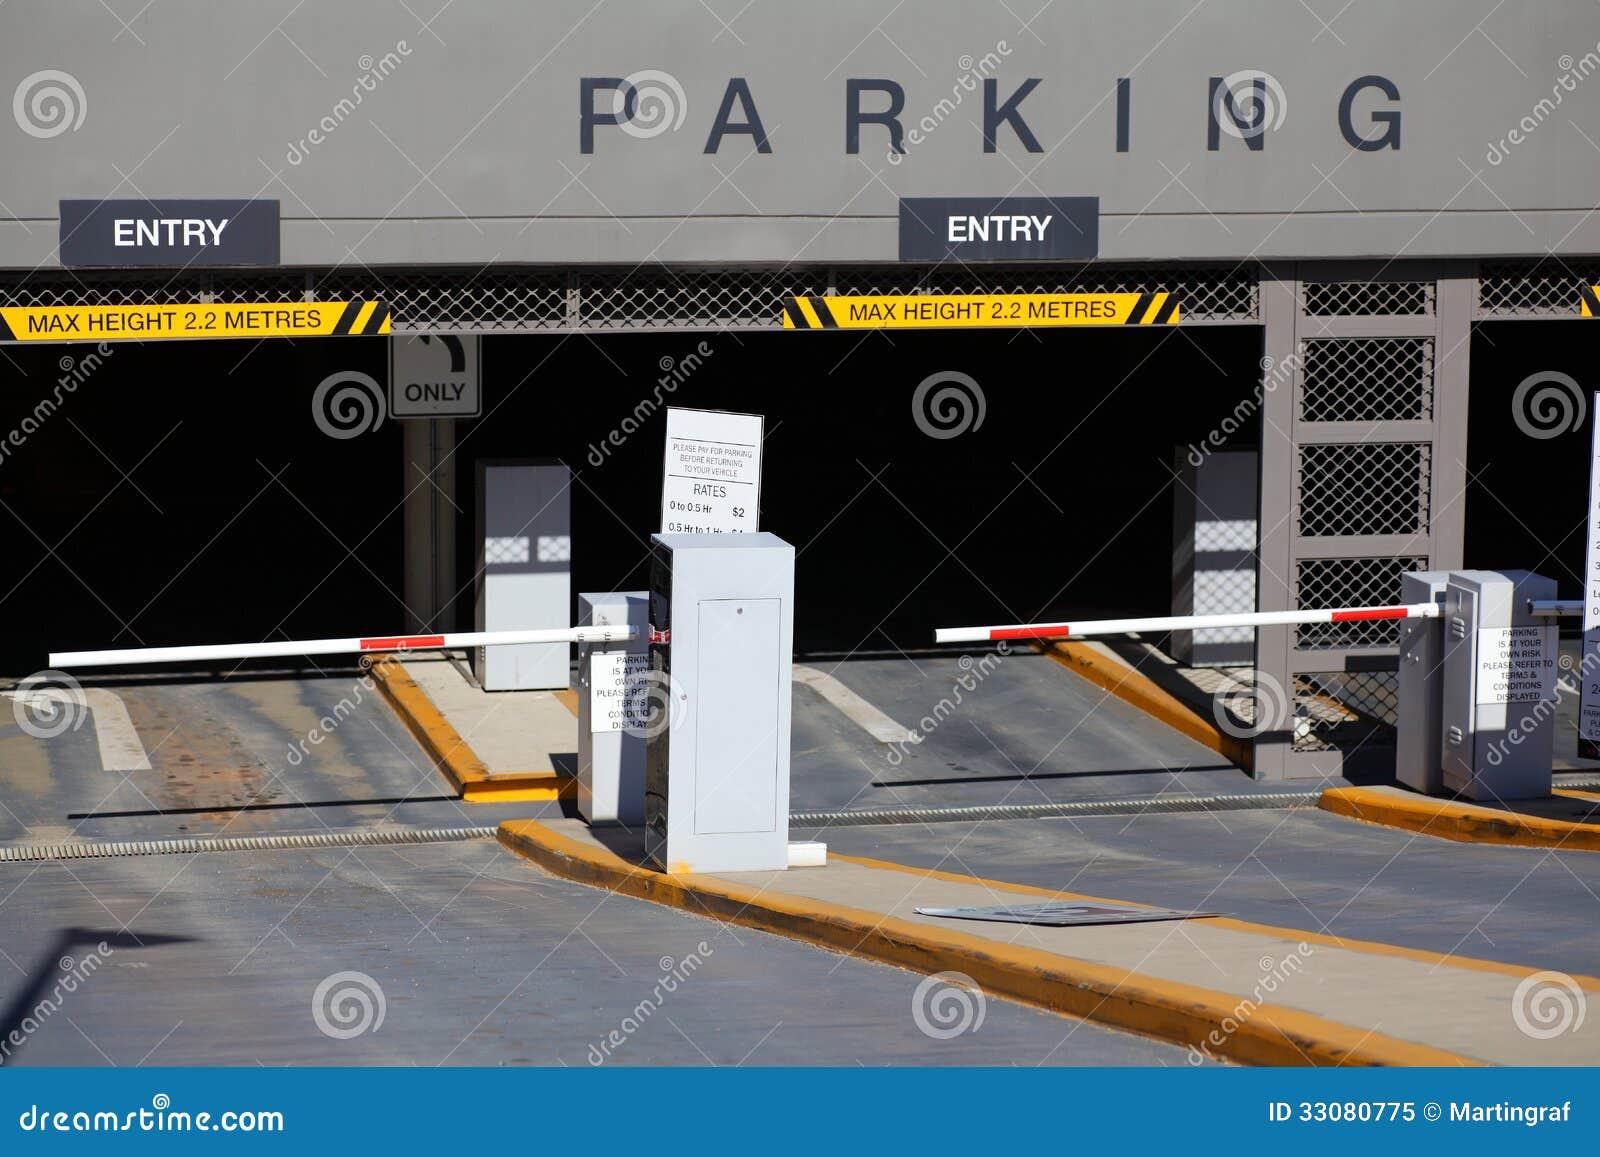 Basement Parking Entrance   www.pixshark.com - Images